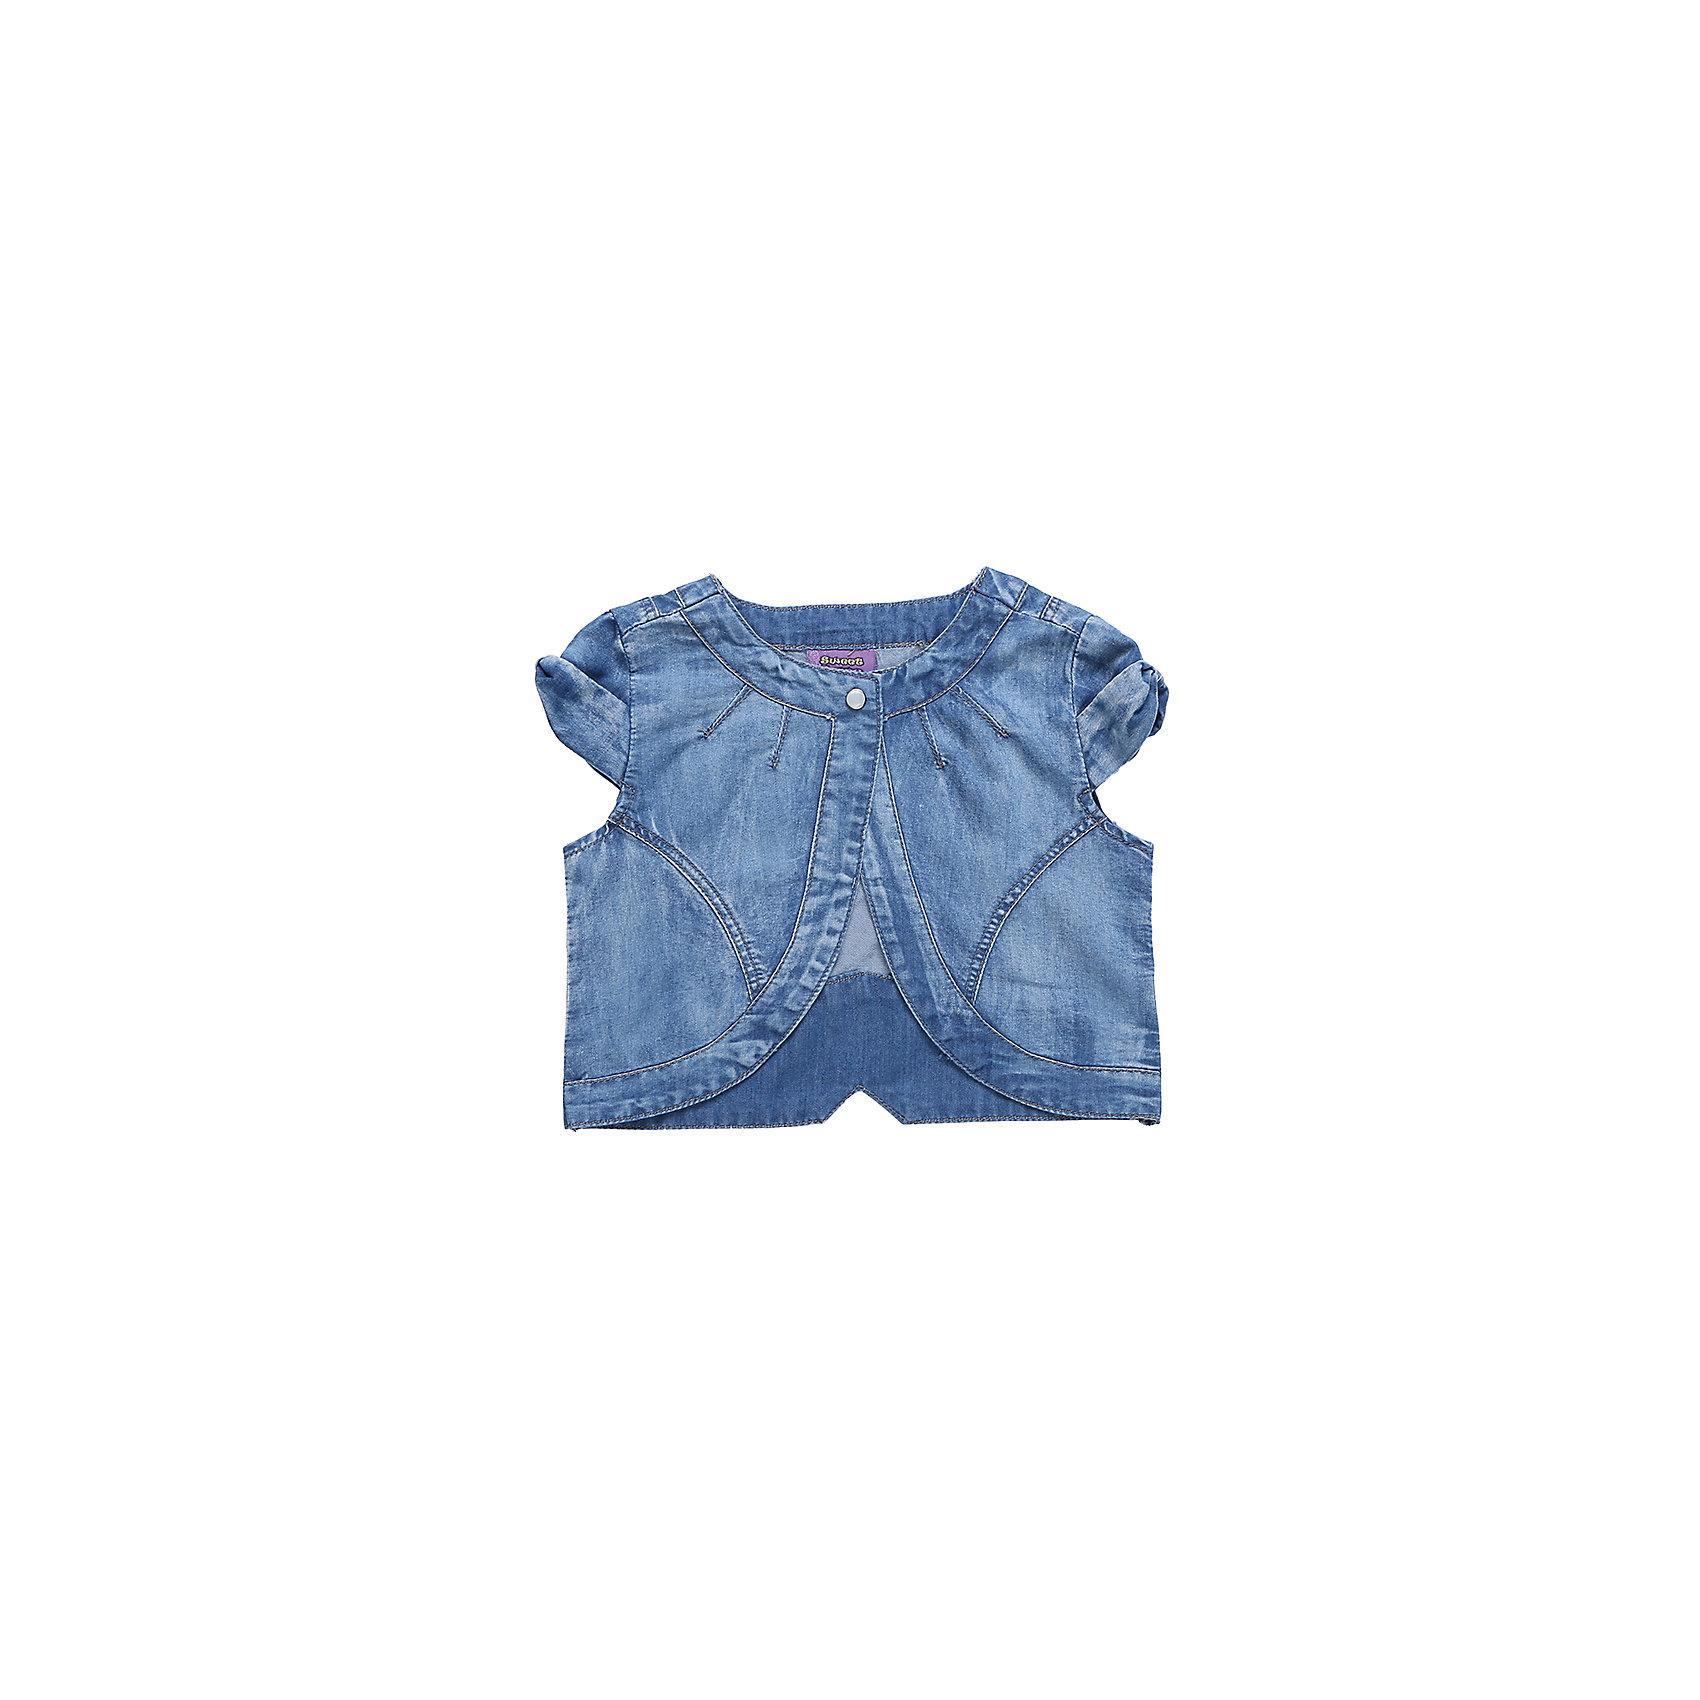 Жилет для девочки Sweet BerryУкороченный жилет для девочки из хлопковой ткани под джинсу. Декорирован яркой вышивкой.<br>Состав:<br>100%хлопок<br><br>Ширина мм: 190<br>Глубина мм: 74<br>Высота мм: 229<br>Вес г: 236<br>Цвет: синий<br>Возраст от месяцев: 60<br>Возраст до месяцев: 72<br>Пол: Женский<br>Возраст: Детский<br>Размер: 116,122,128,104,98,110<br>SKU: 5410091